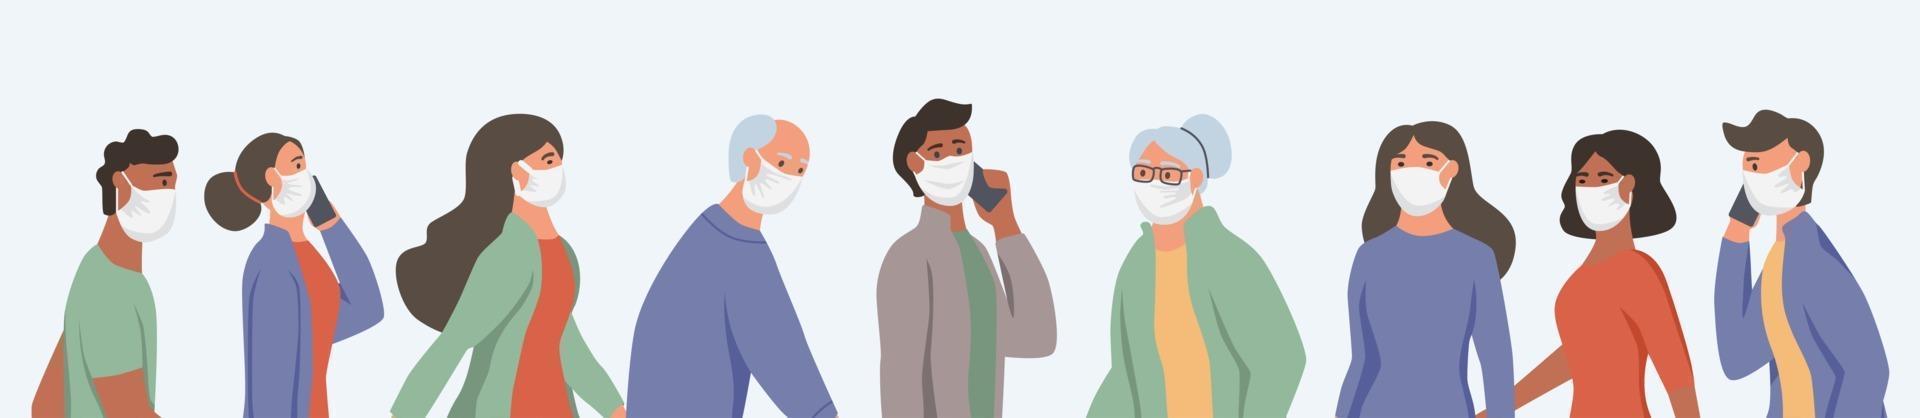 diversas pessoas usando máscaras faciais vetor